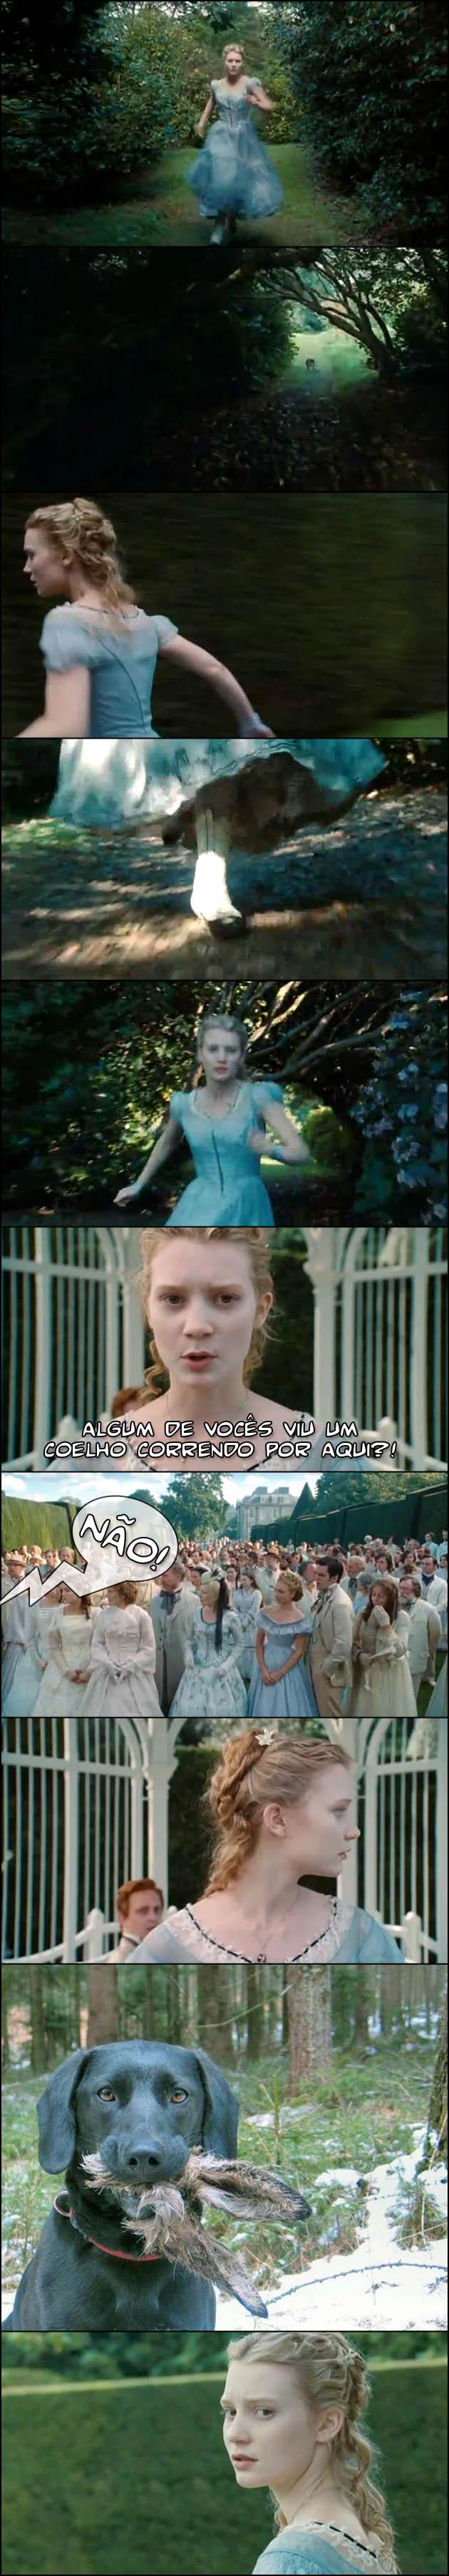 ALICE COELHO Alice, não perca o coelho de vista!